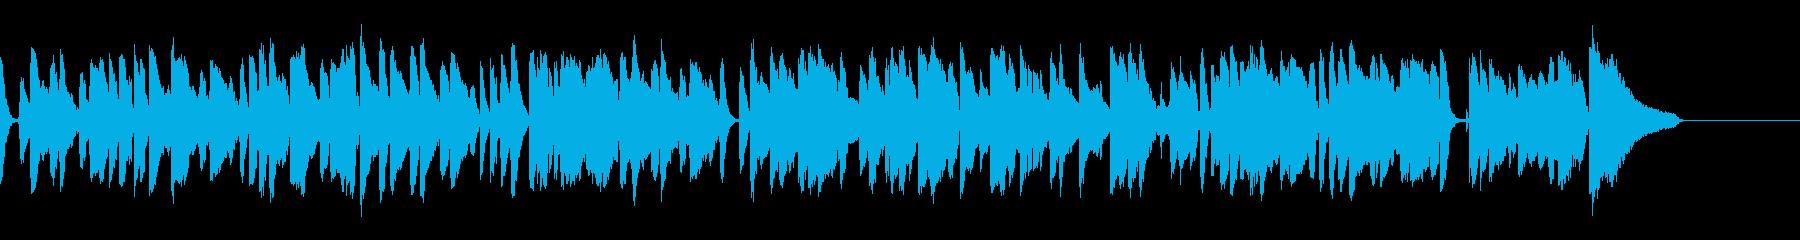 ウエスタン怪しい会話ブルース  の再生済みの波形